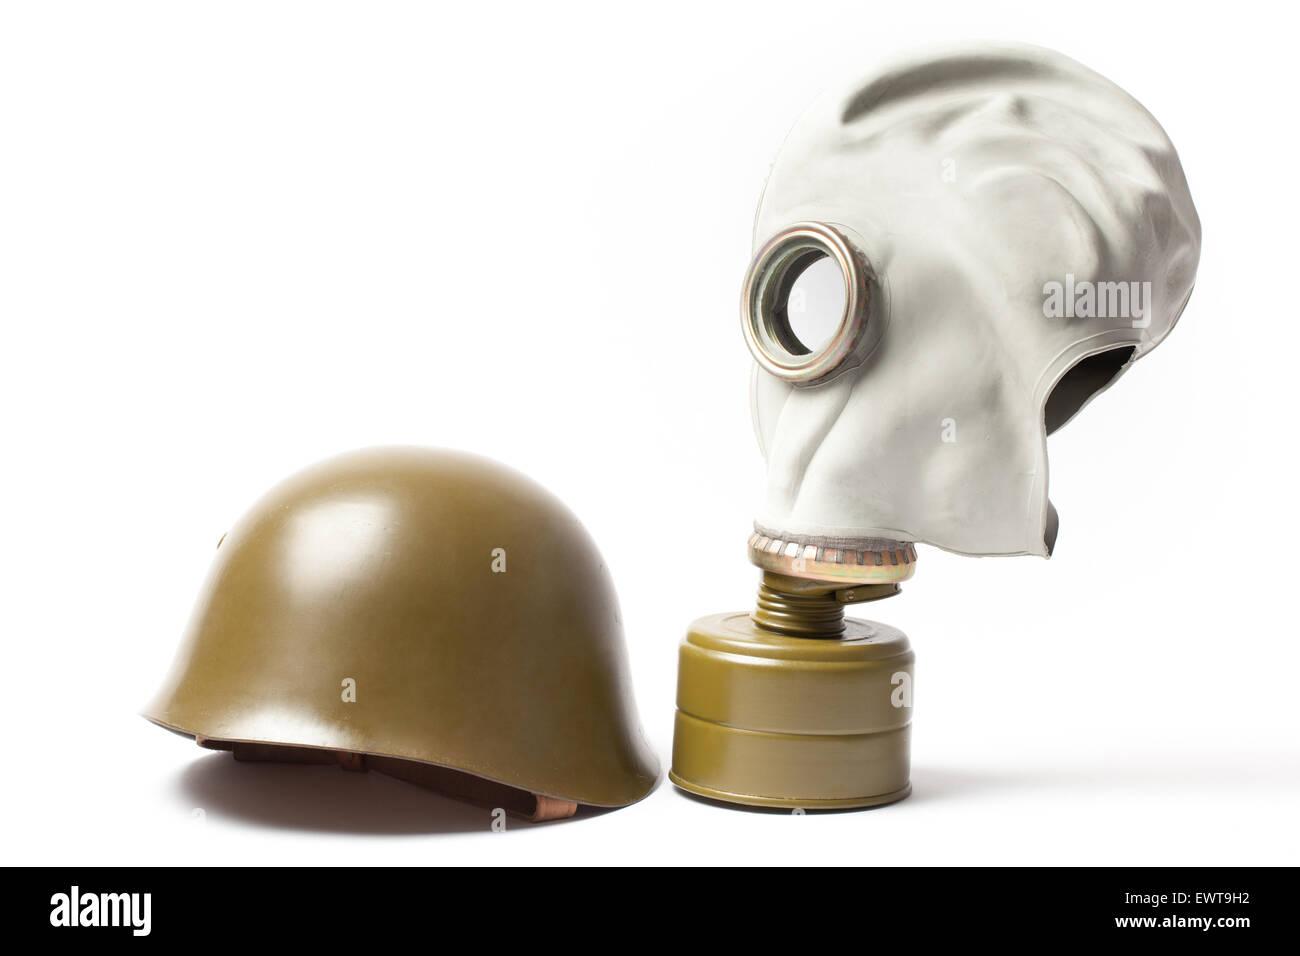 Casque militaire vert et un vieux masque à gaz isolé sur fond blanc. Banque D'Images